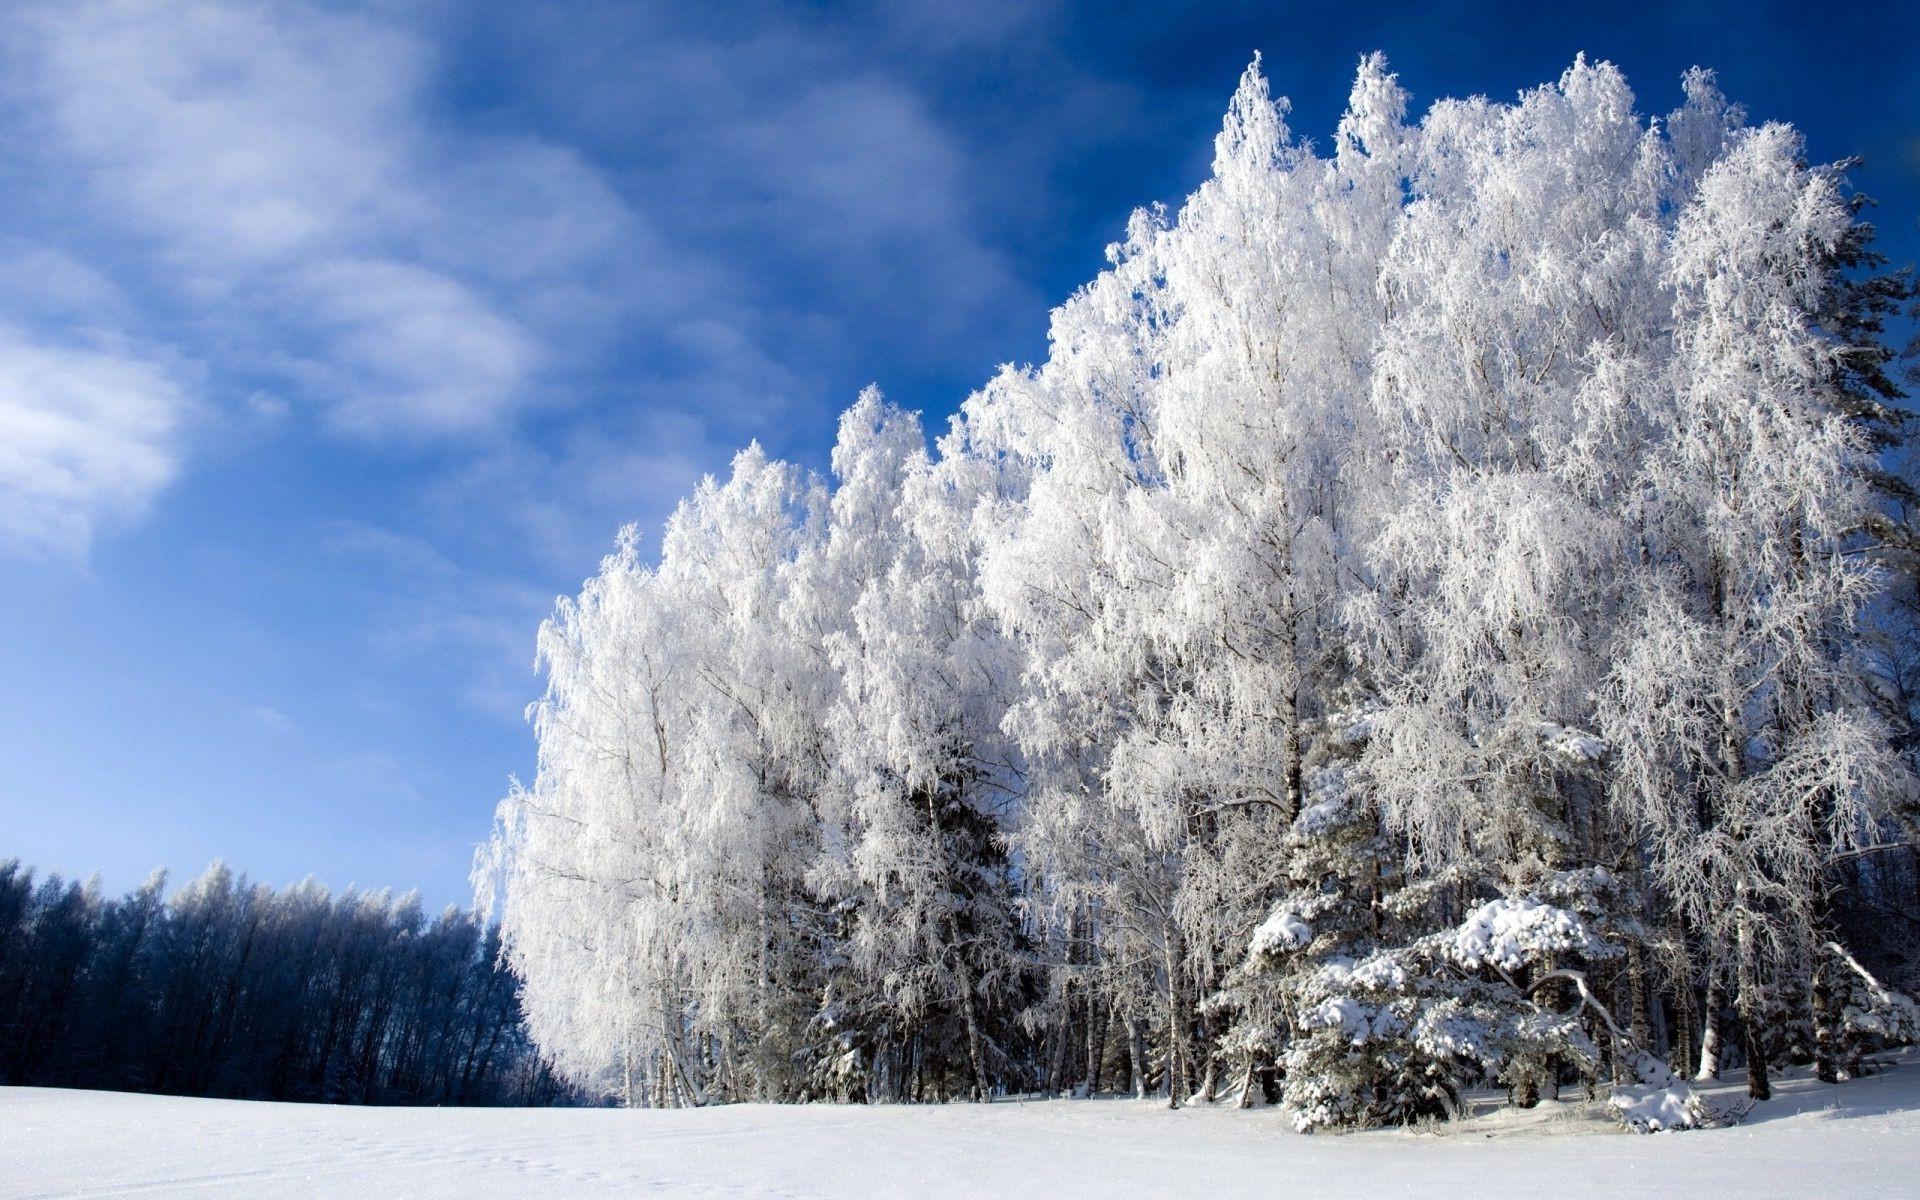 Фото природы зимой в высоком качестве